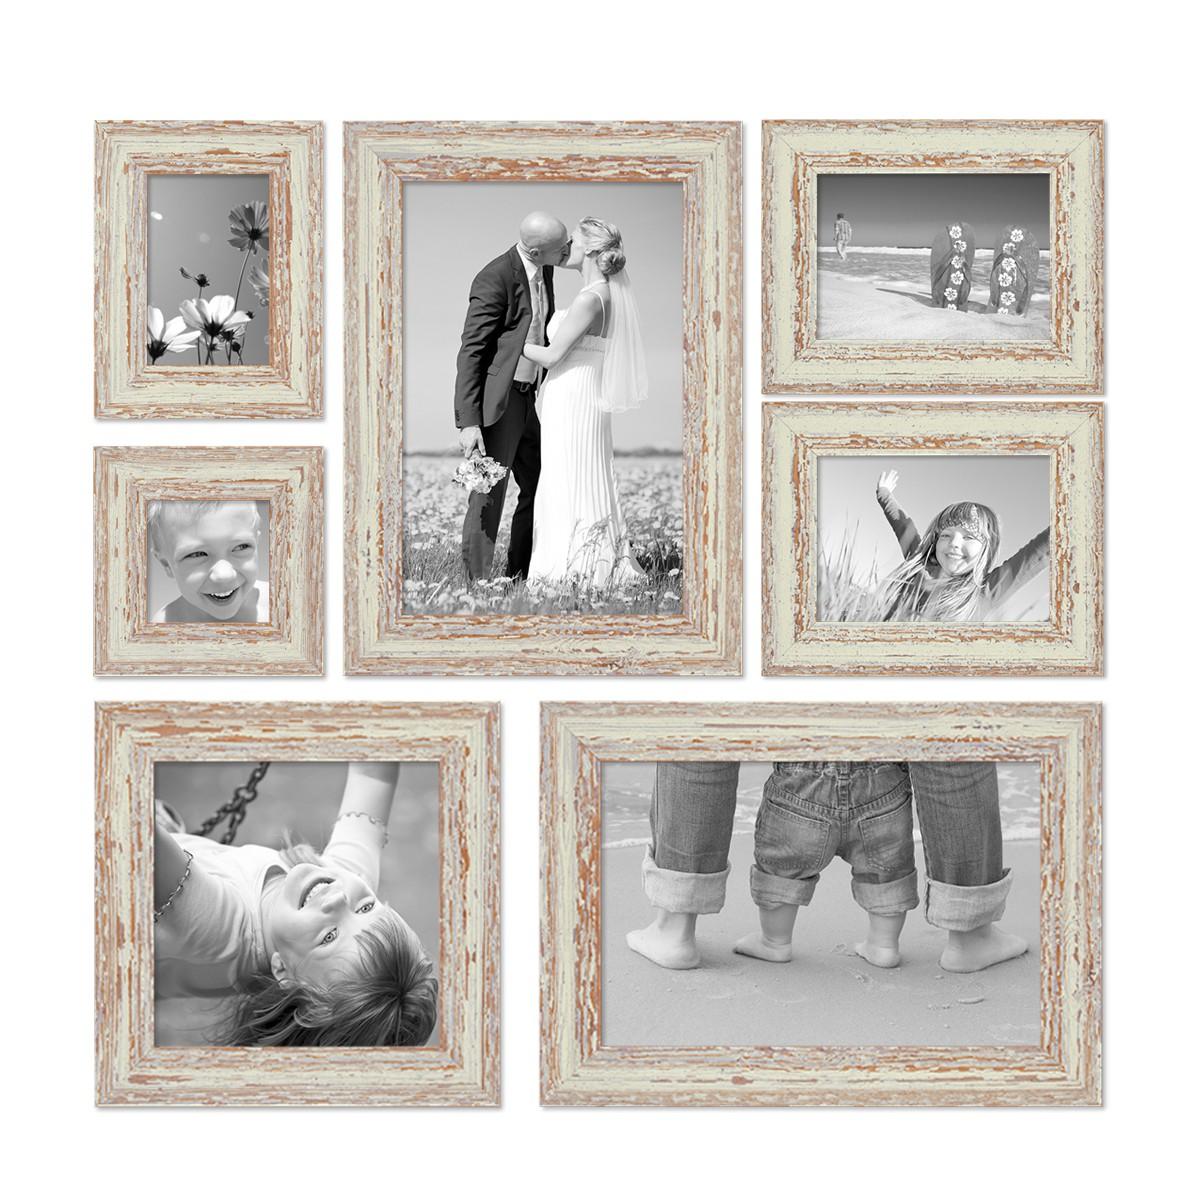 Gemütlich Vintage Bilderrahmen Billig Fotos - Benutzerdefinierte ...